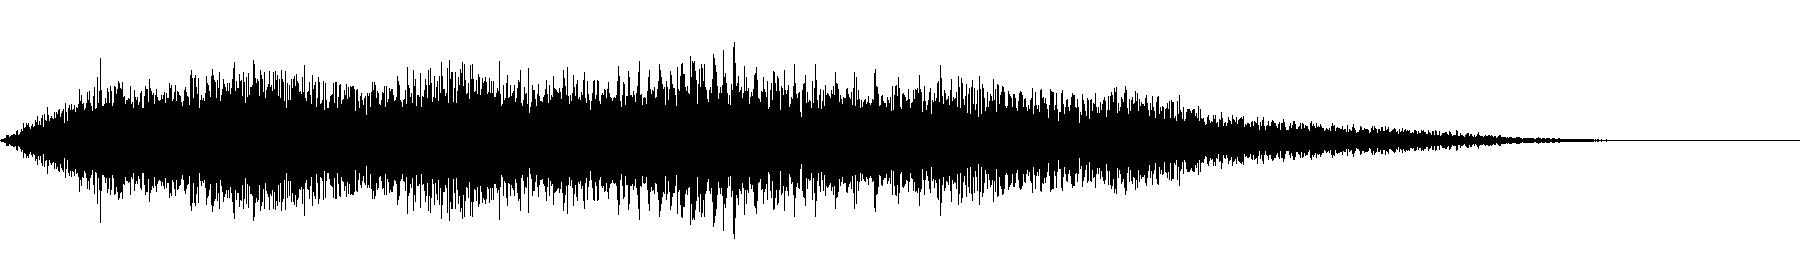 bluezone xworld sound 088